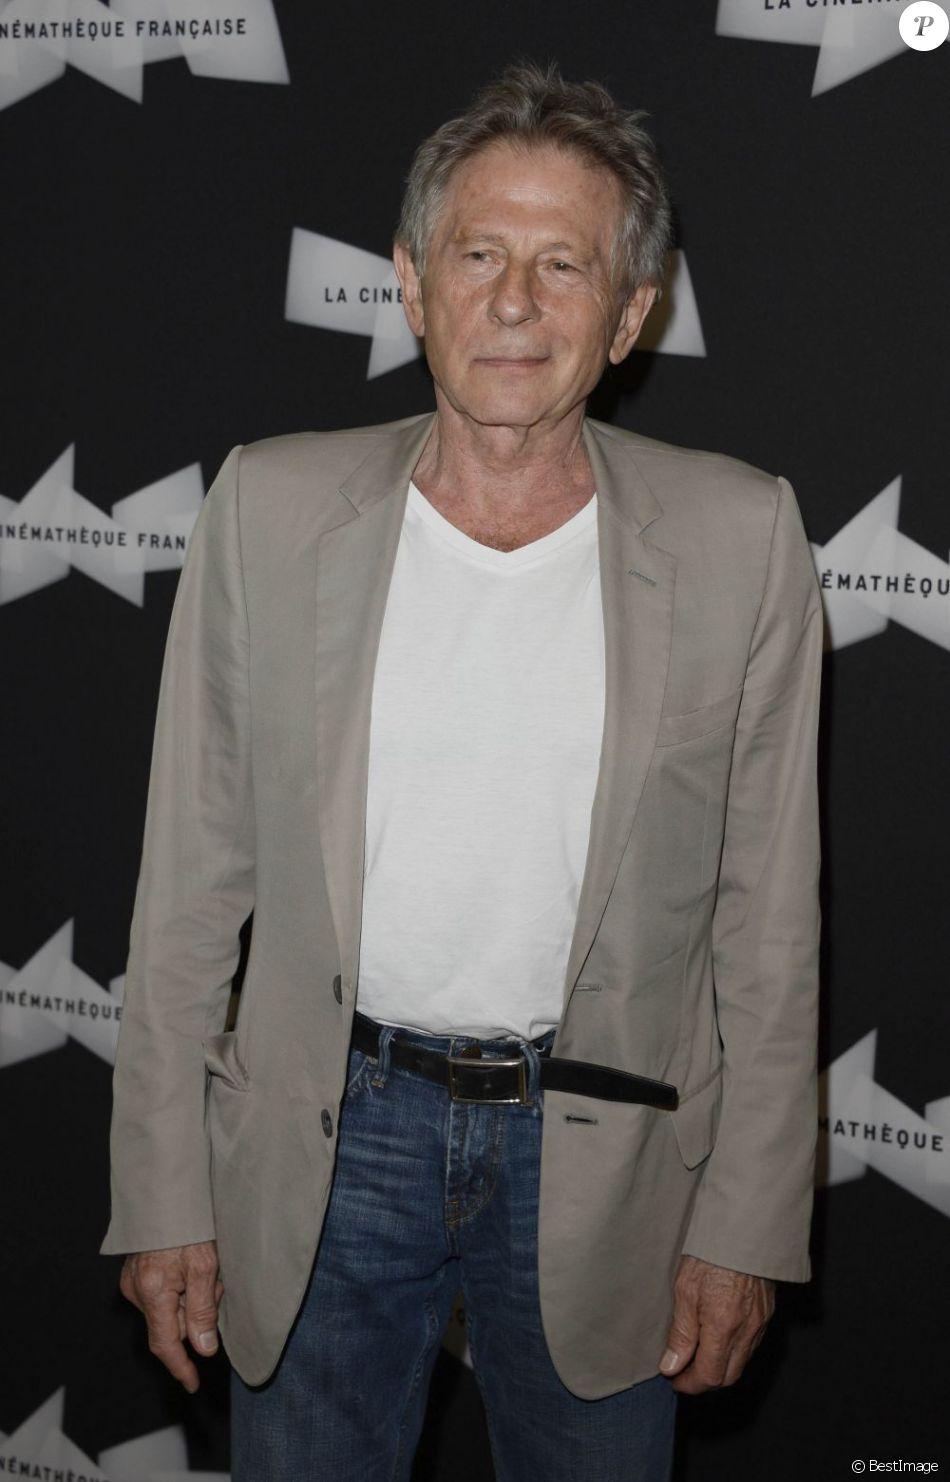 Roman Polanski à la Cinémathèque Française à Paris le 16 juillet 2013.